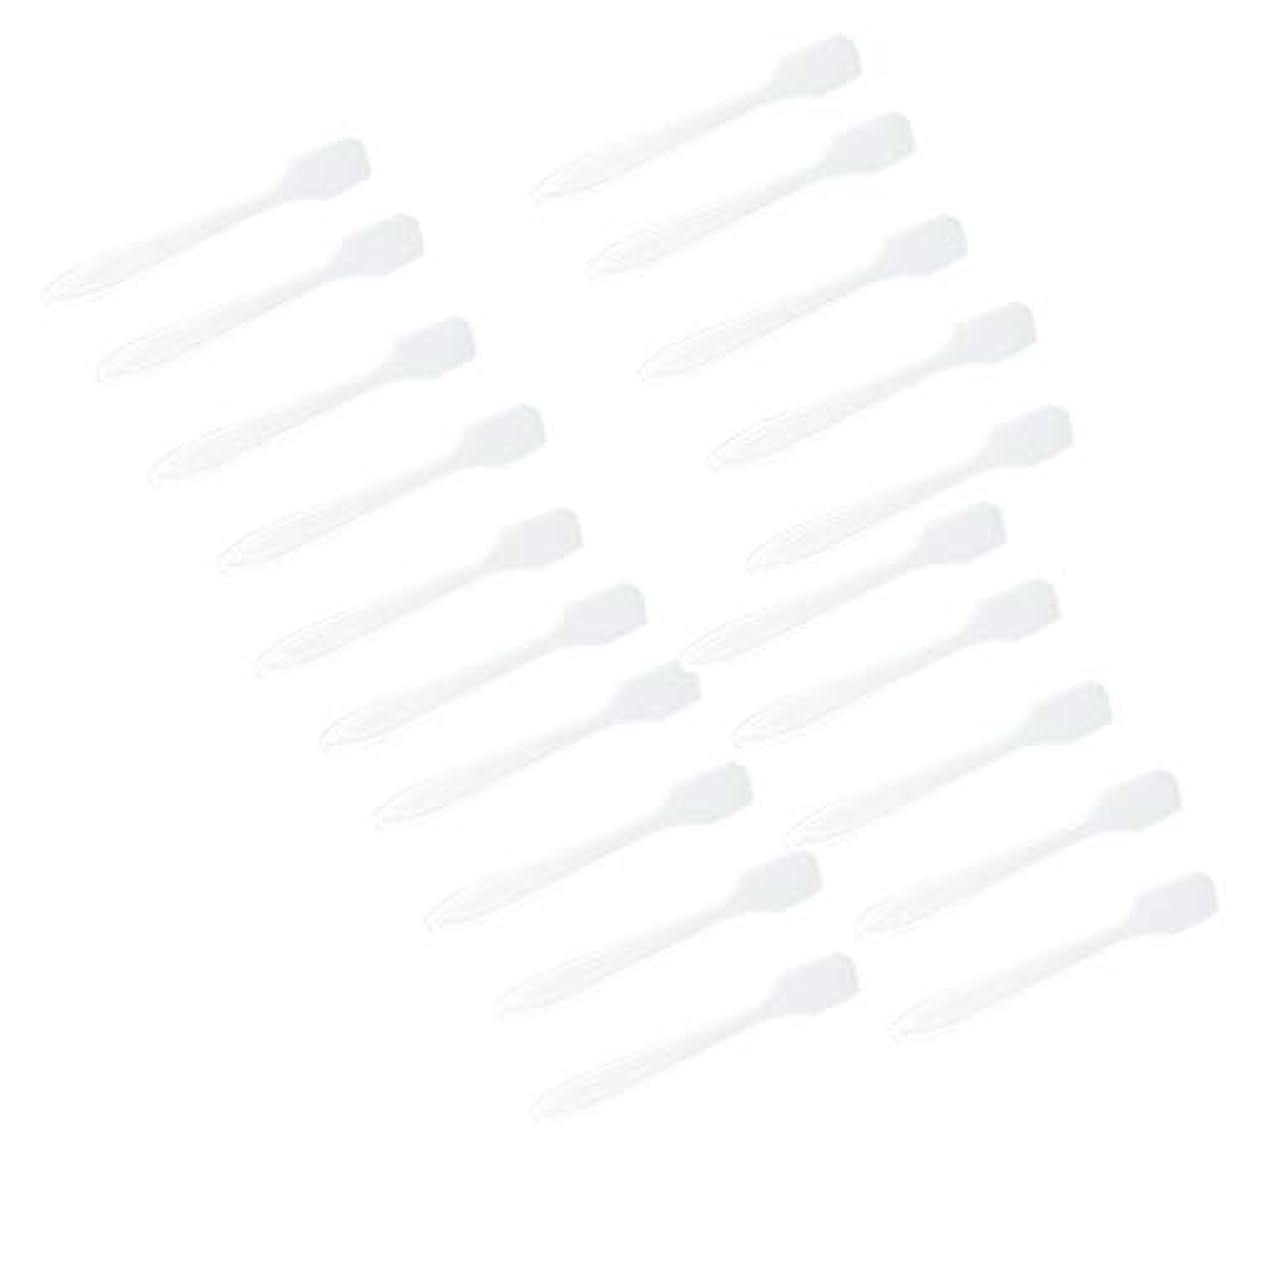 楽しませる捕虜会議P Prettyia 5色 100点 フェイシャル クリーム マスクスプーン 化粧品へら 女性美容ツール - クリア